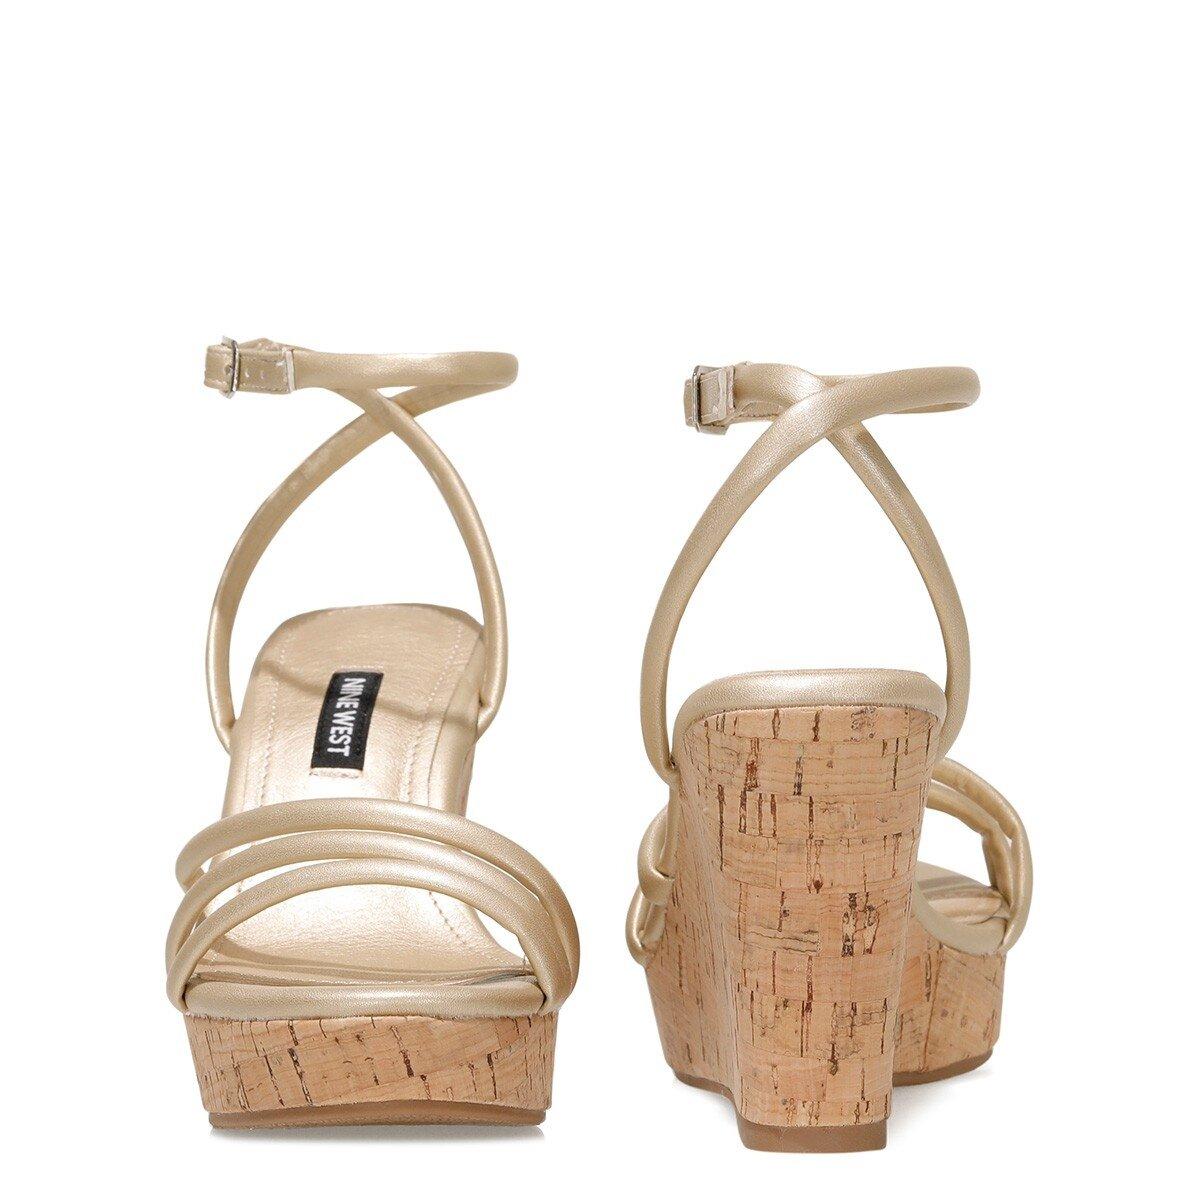 LEROYA 1FX Altın Kadın Dolgu Topuklu Sandalet